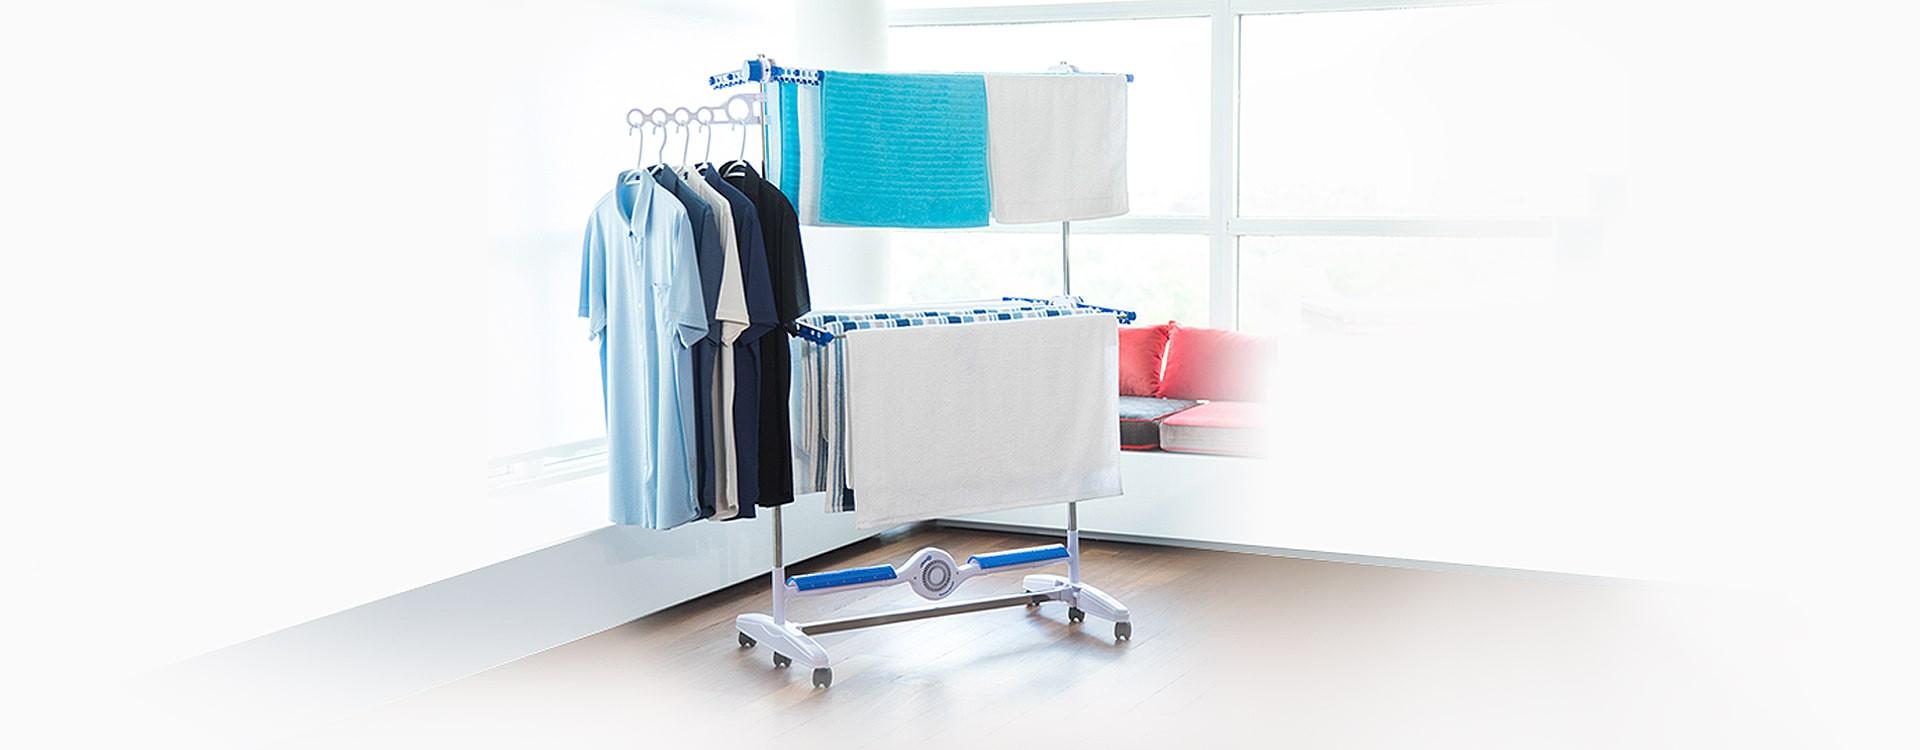 Jak suszyć pranie w niewielkim mieszkaniu?